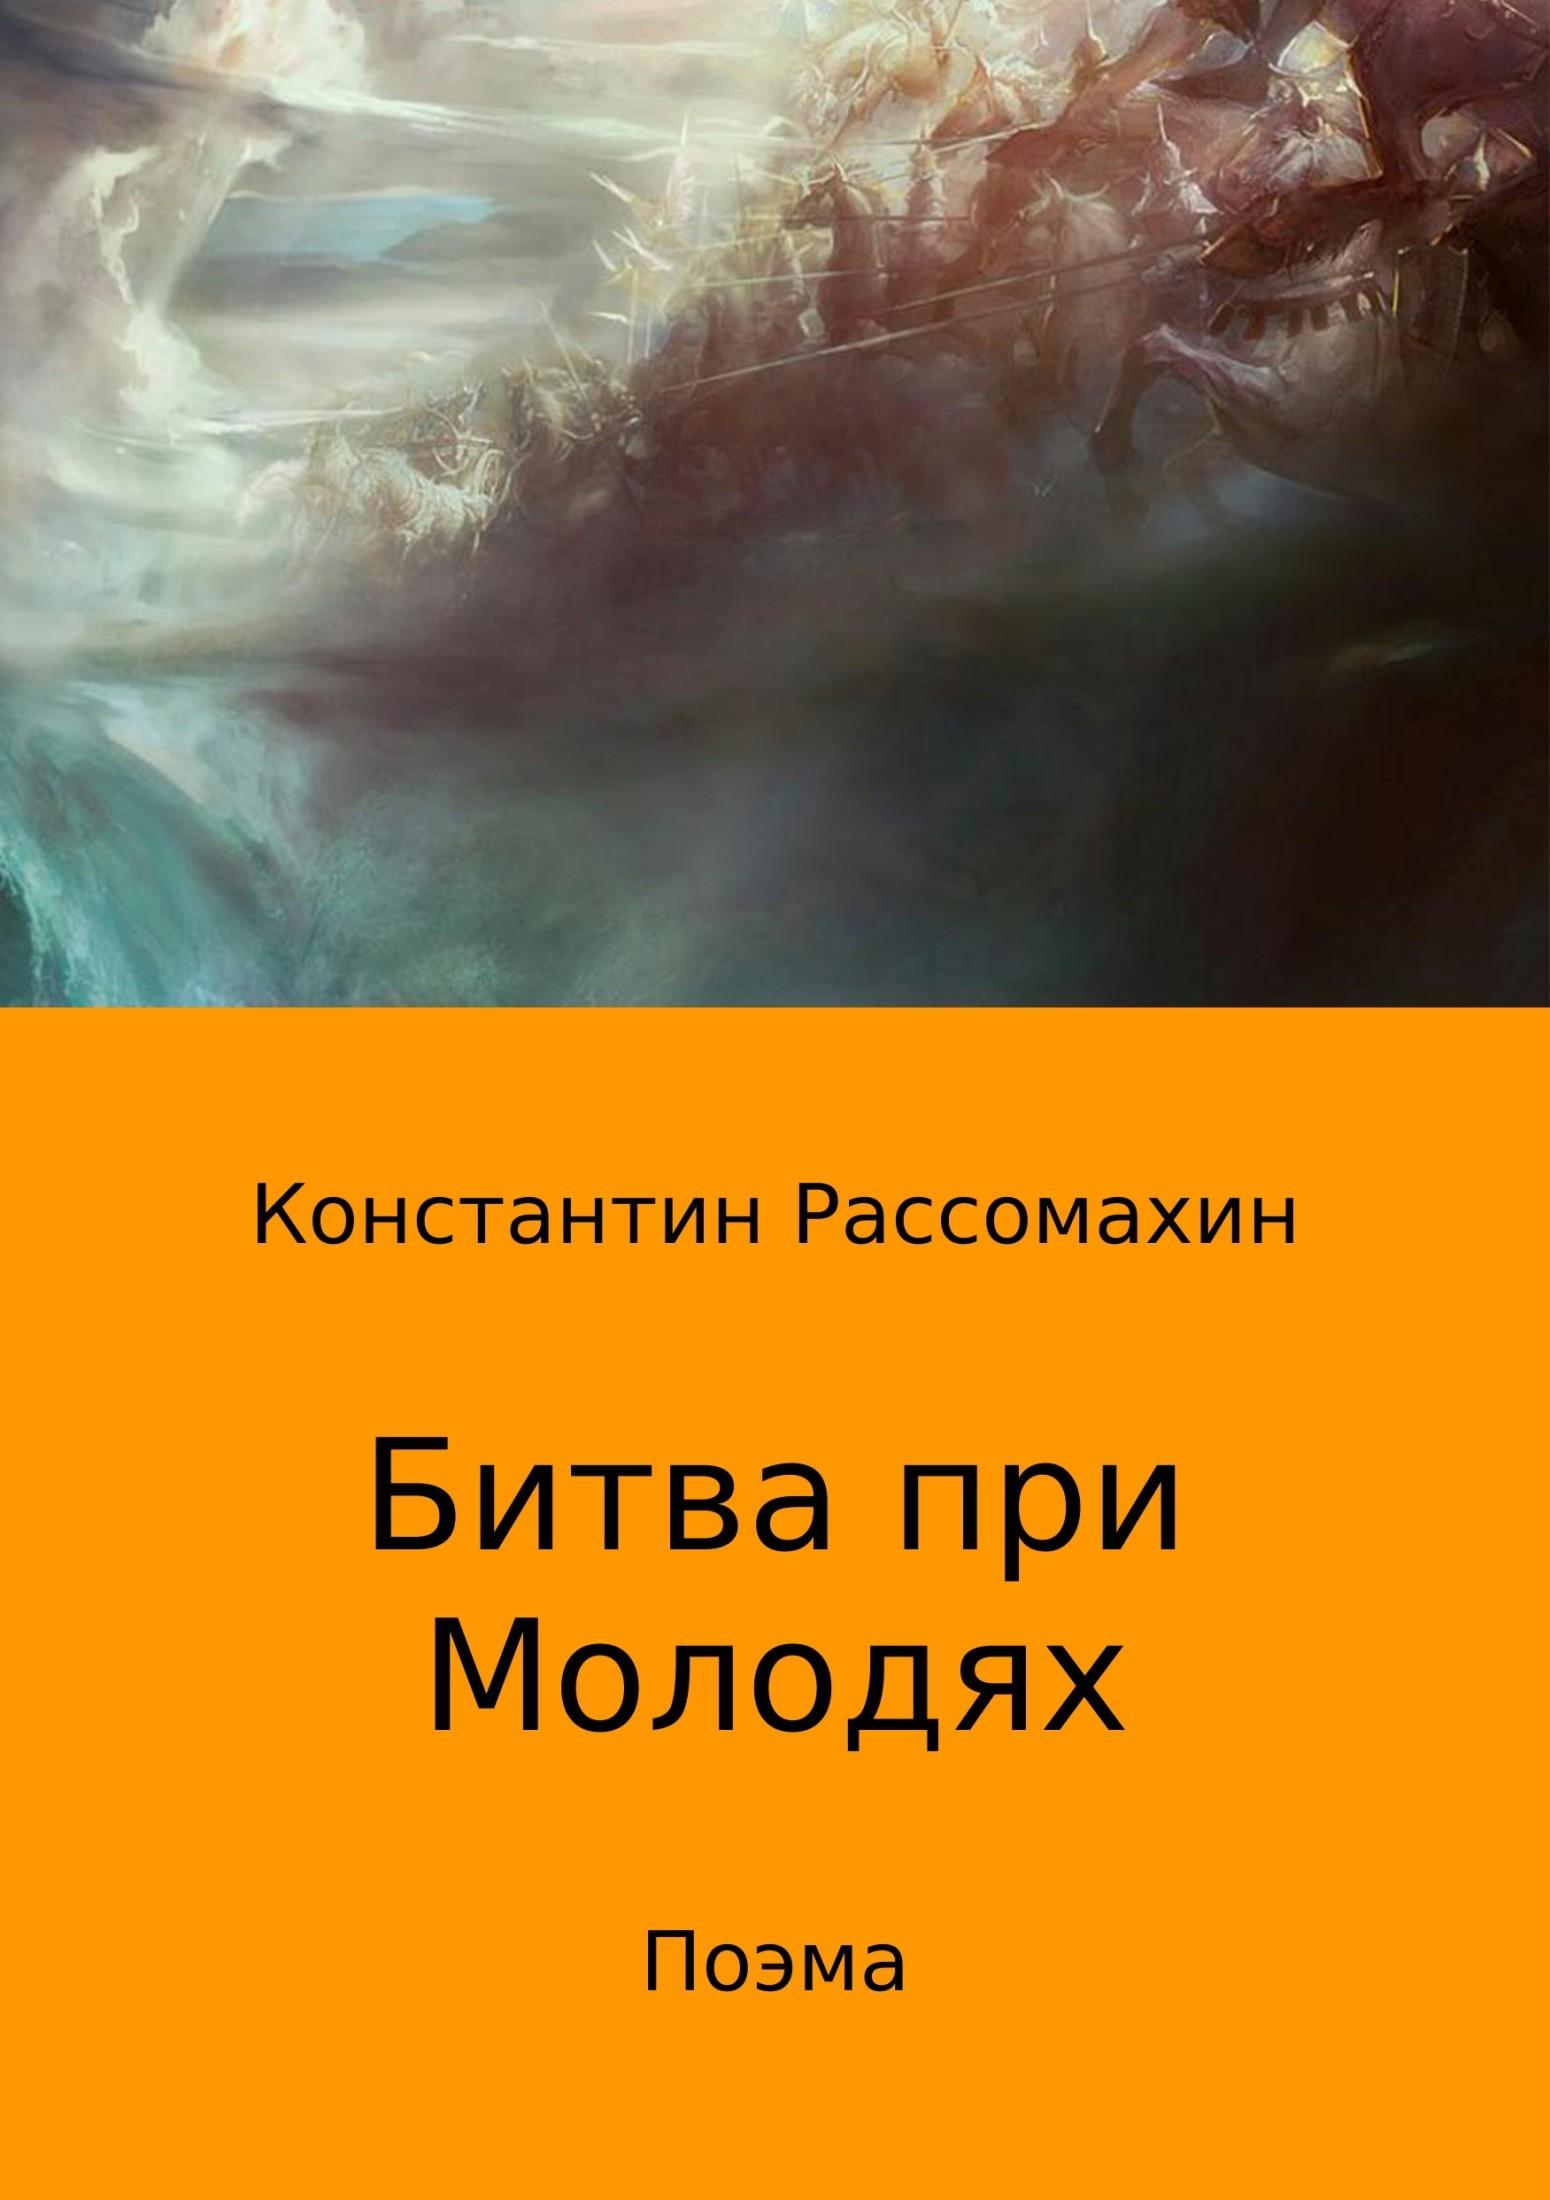 Константин Рассомахин - Битва при Молодях. Поэма